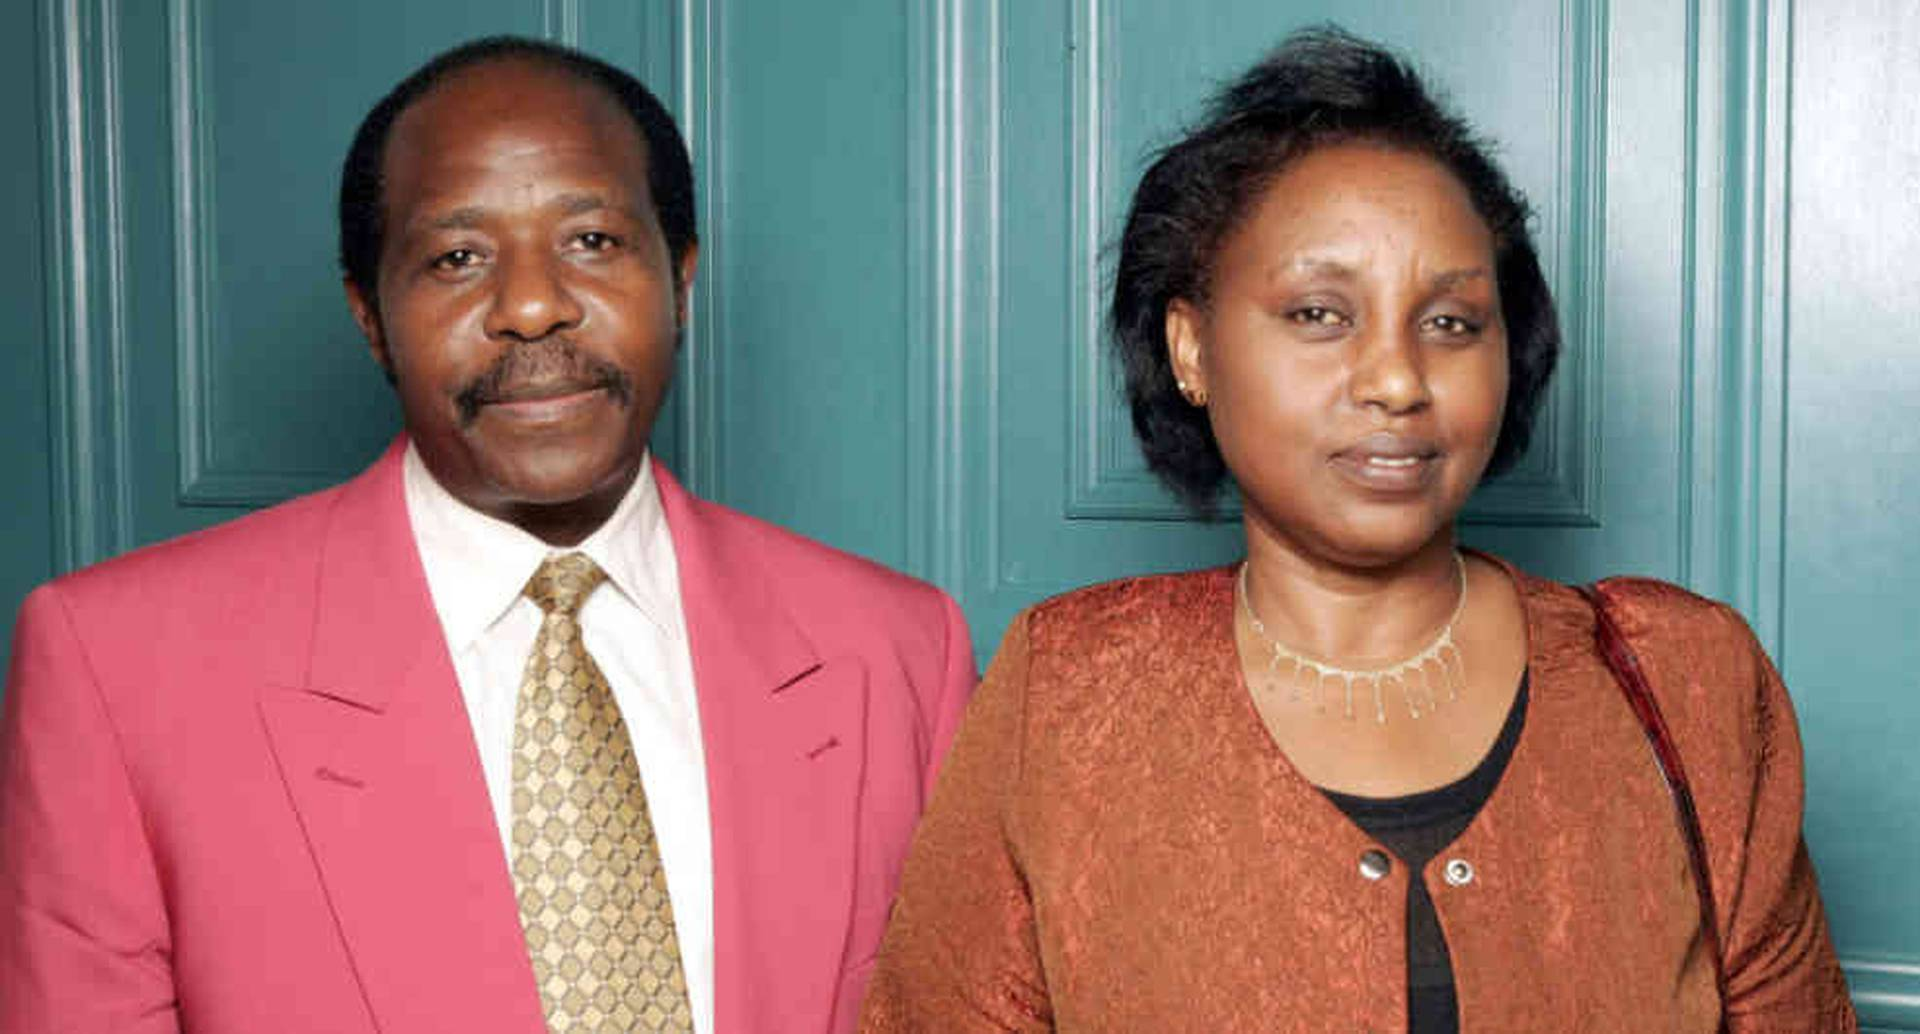 Paul Rusesabagina y Tatiana, su esposa, salieron de Ruanda en 1996 y recibieron asilo en Bélgica. Años más tarde se mudaron definitivamente a Texas, Estados Unidos.